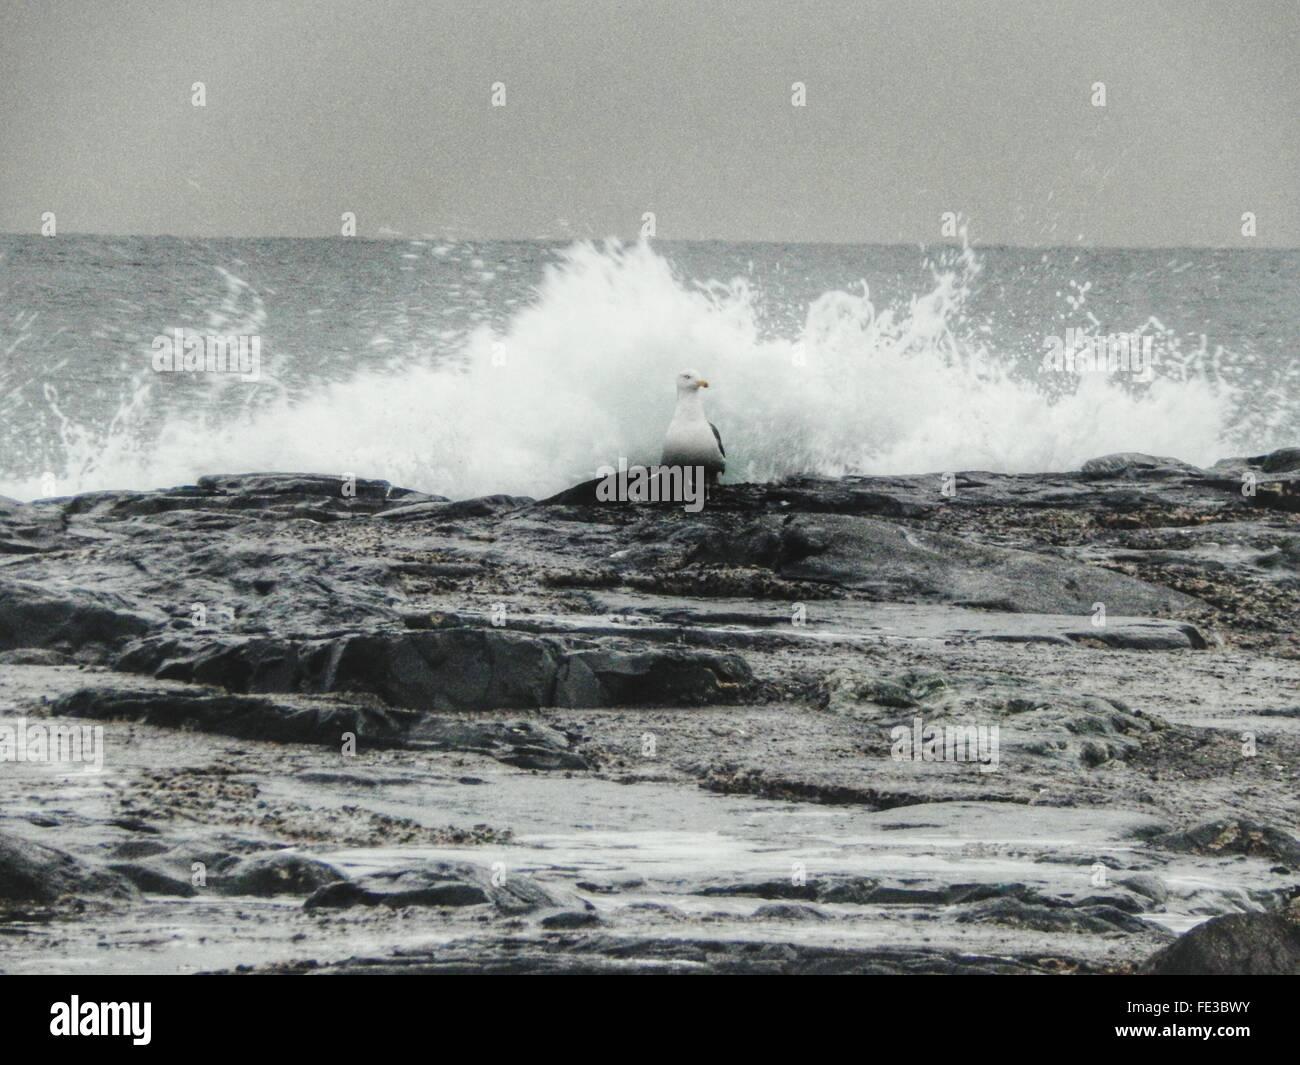 Majestic Waves Crashing Against Rocks - Stock Image